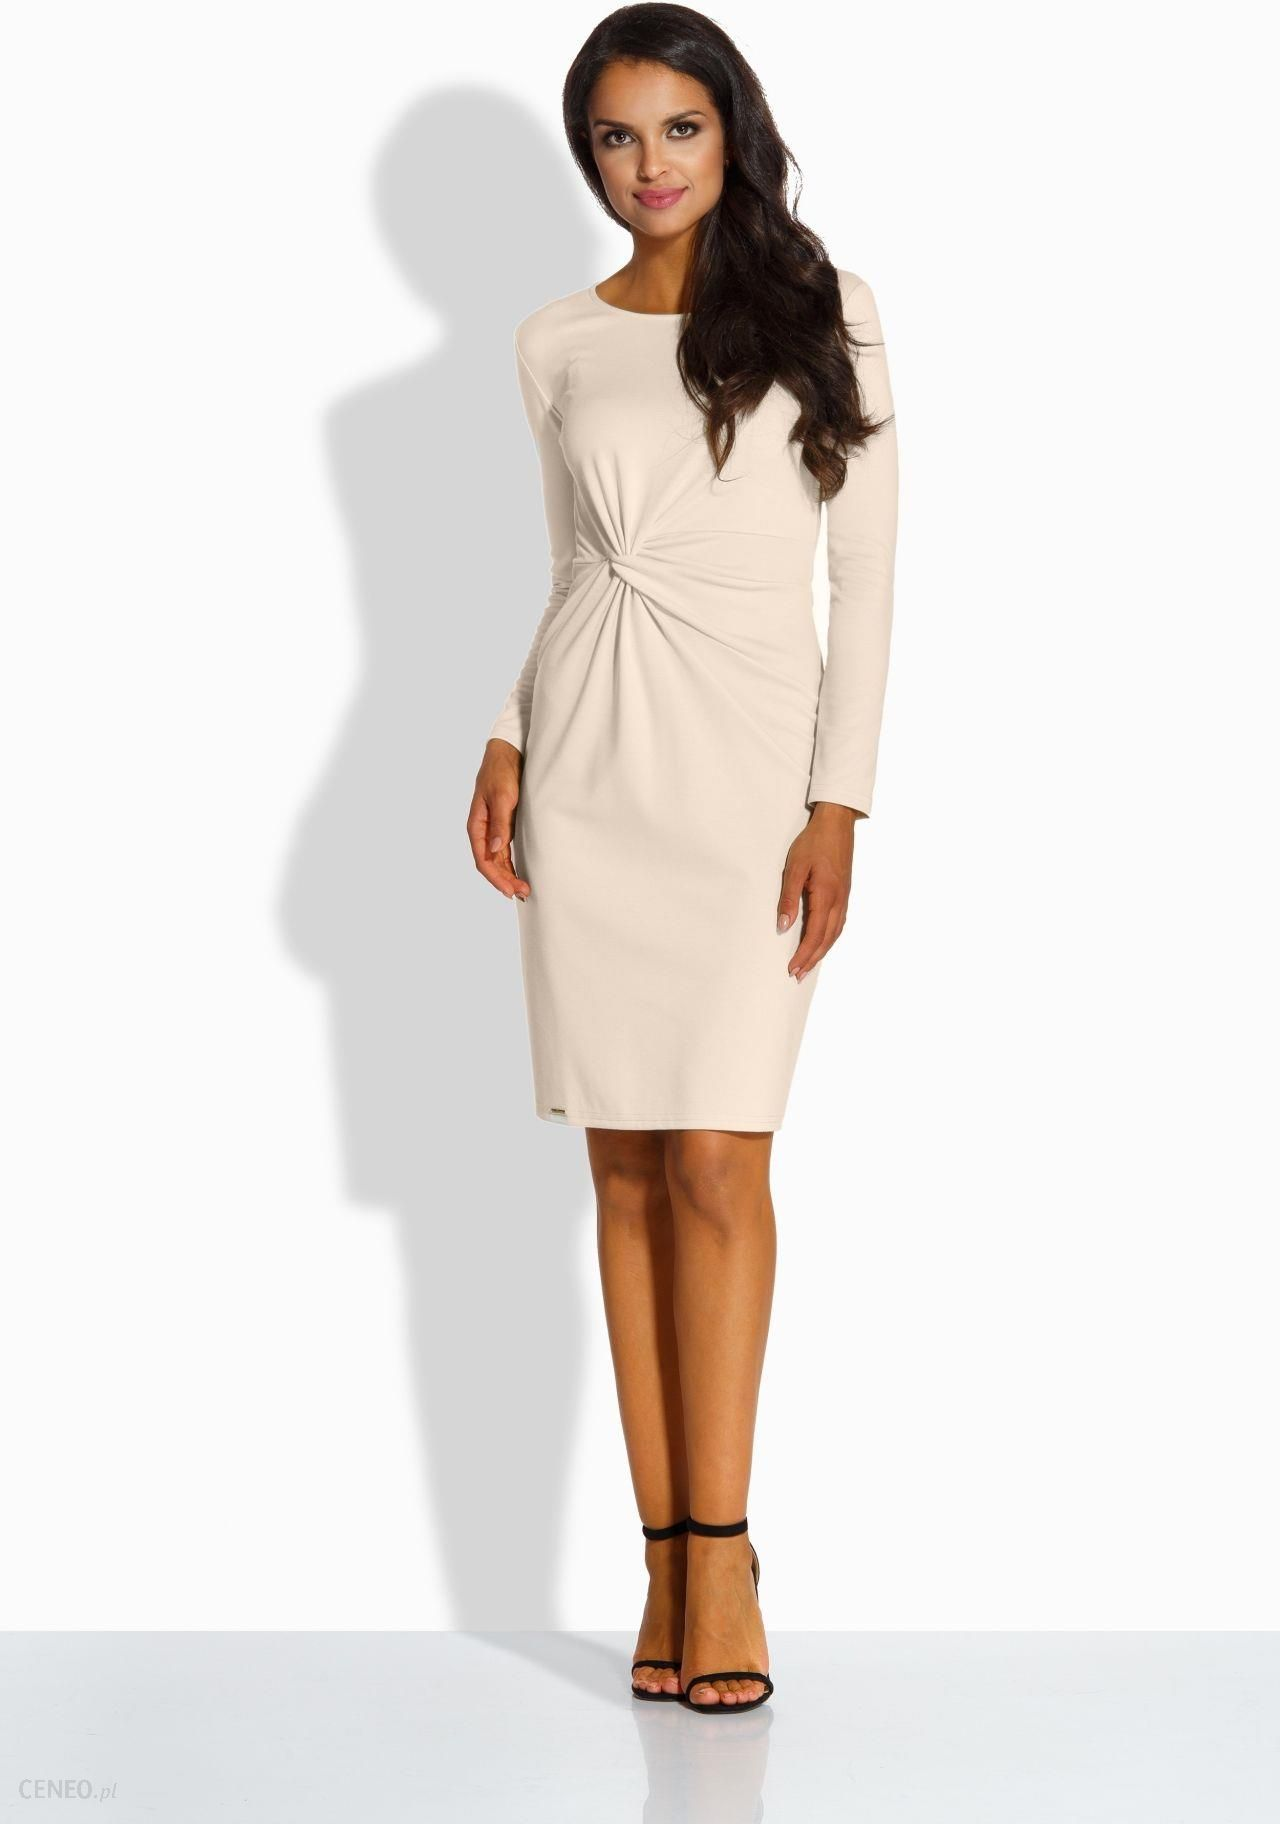 a03a34576c Elegancka dopasowana sukienka beżowy - Rozmiar  XL - Ceny i opinie ...